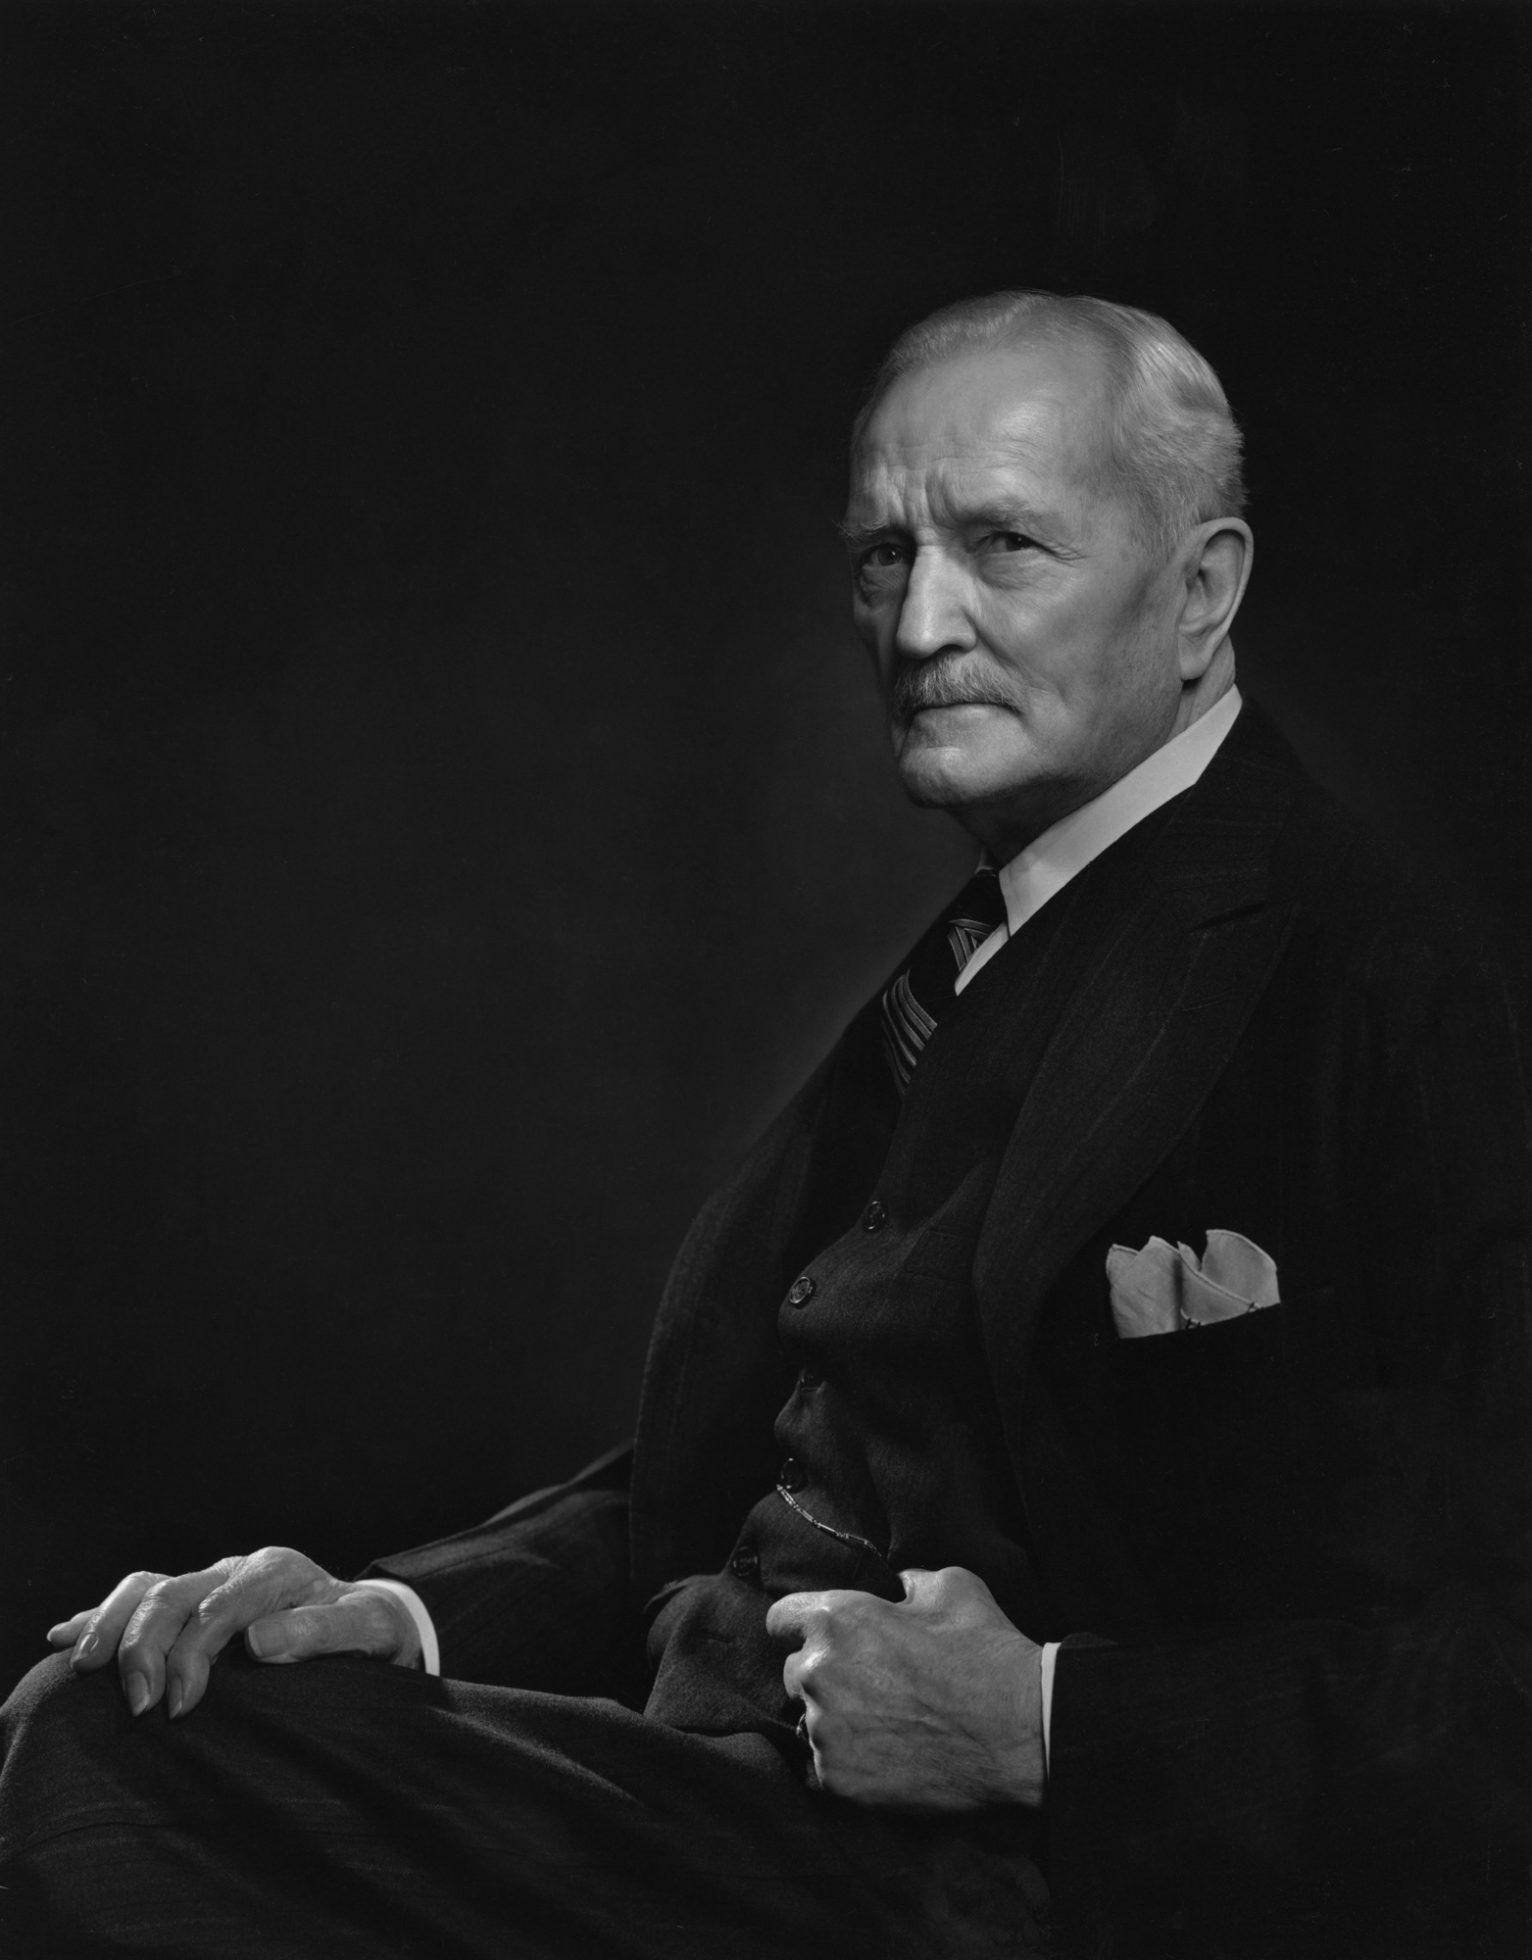 General John Pershing